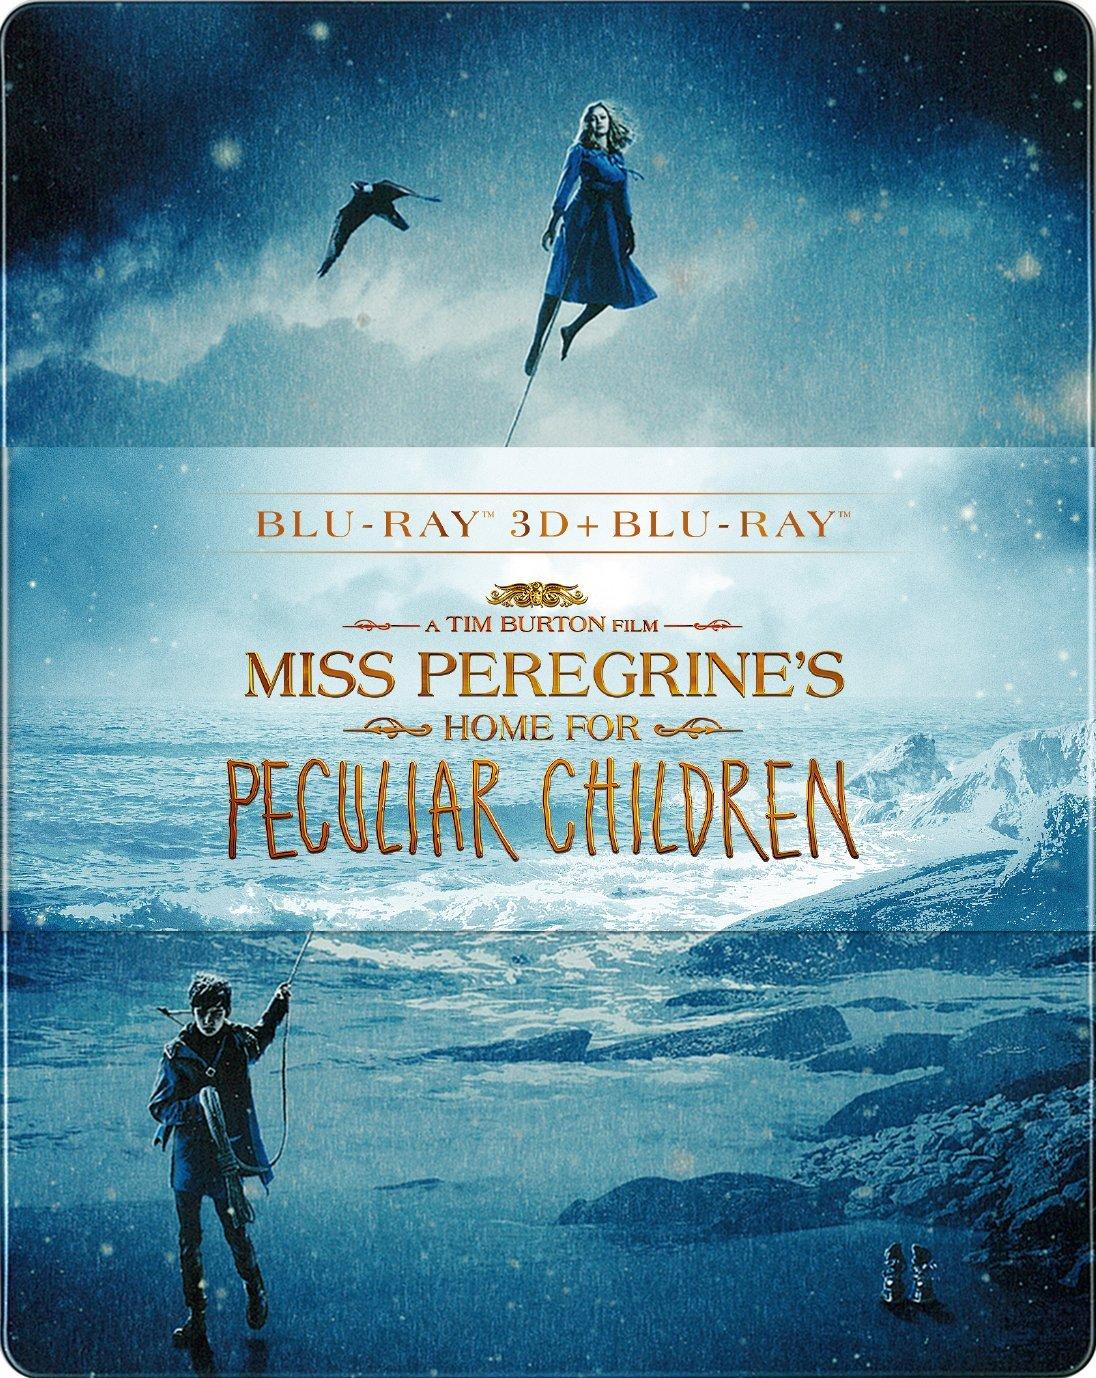 ミス・ペレグリンと奇妙なこどもたち 3D & 2D ブルーレイセット スチールブック